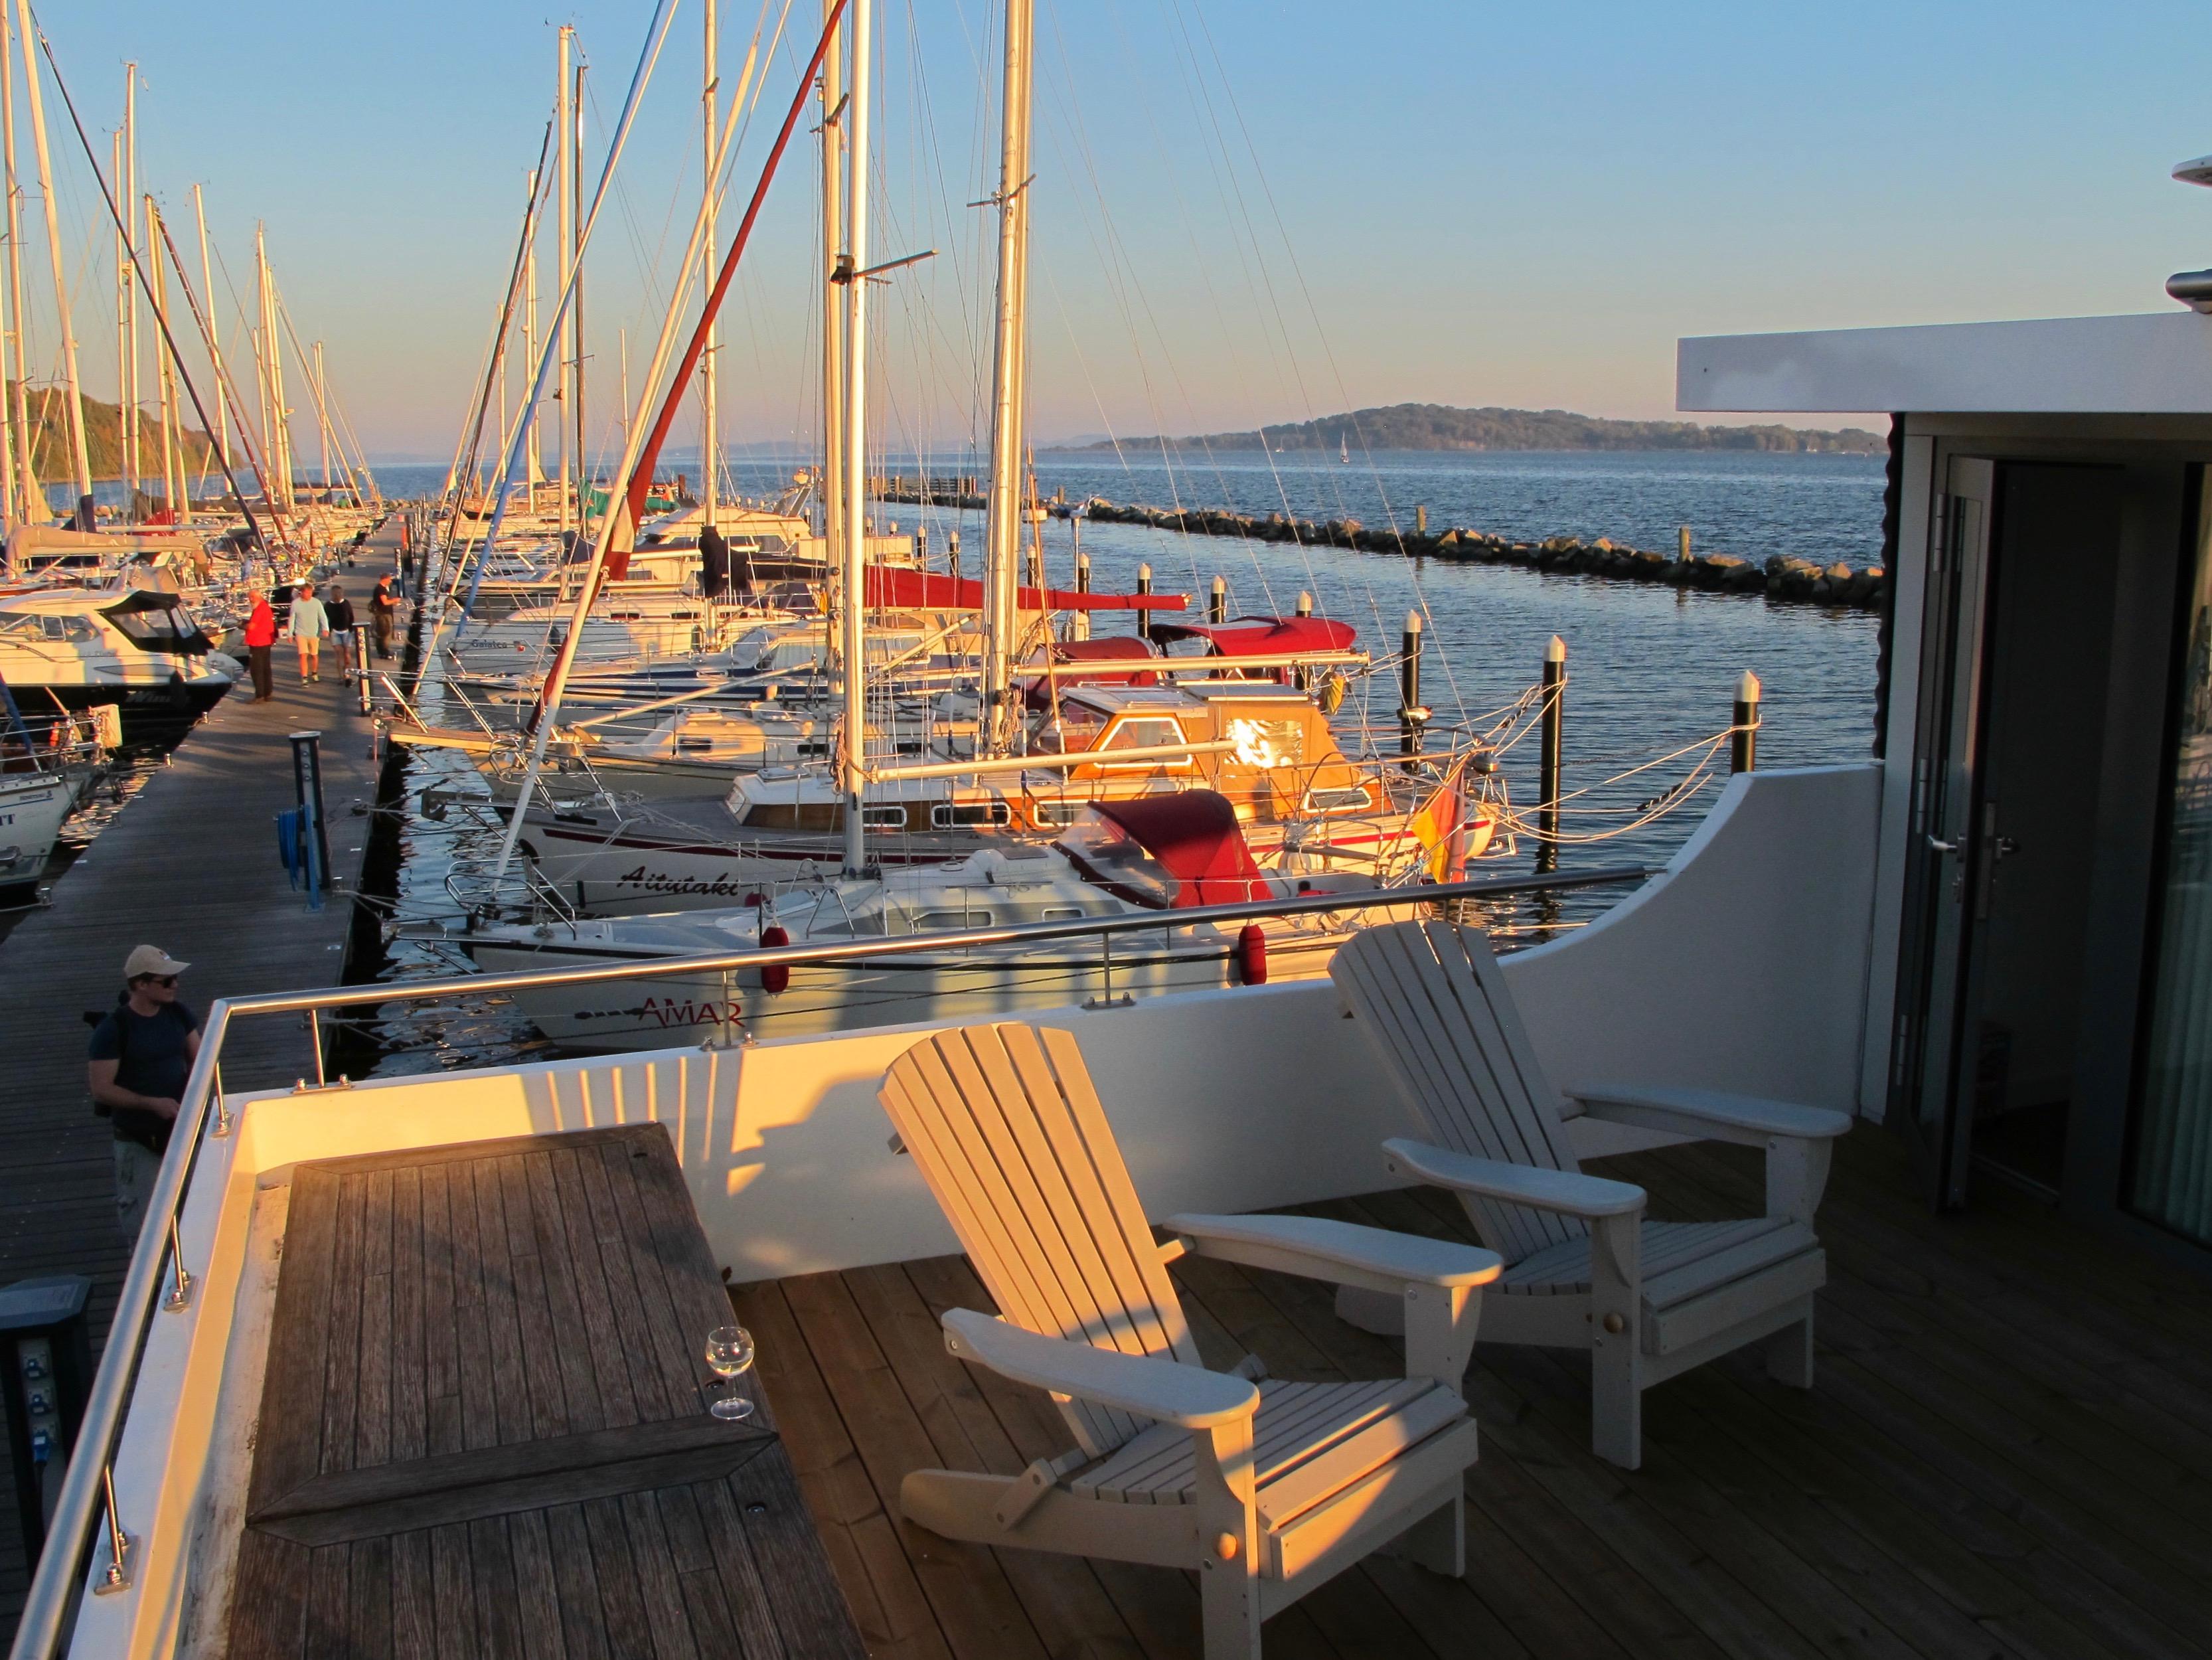 Wenn du ein Hausboot kaufst, benötigst du auch einen Liegeplatz